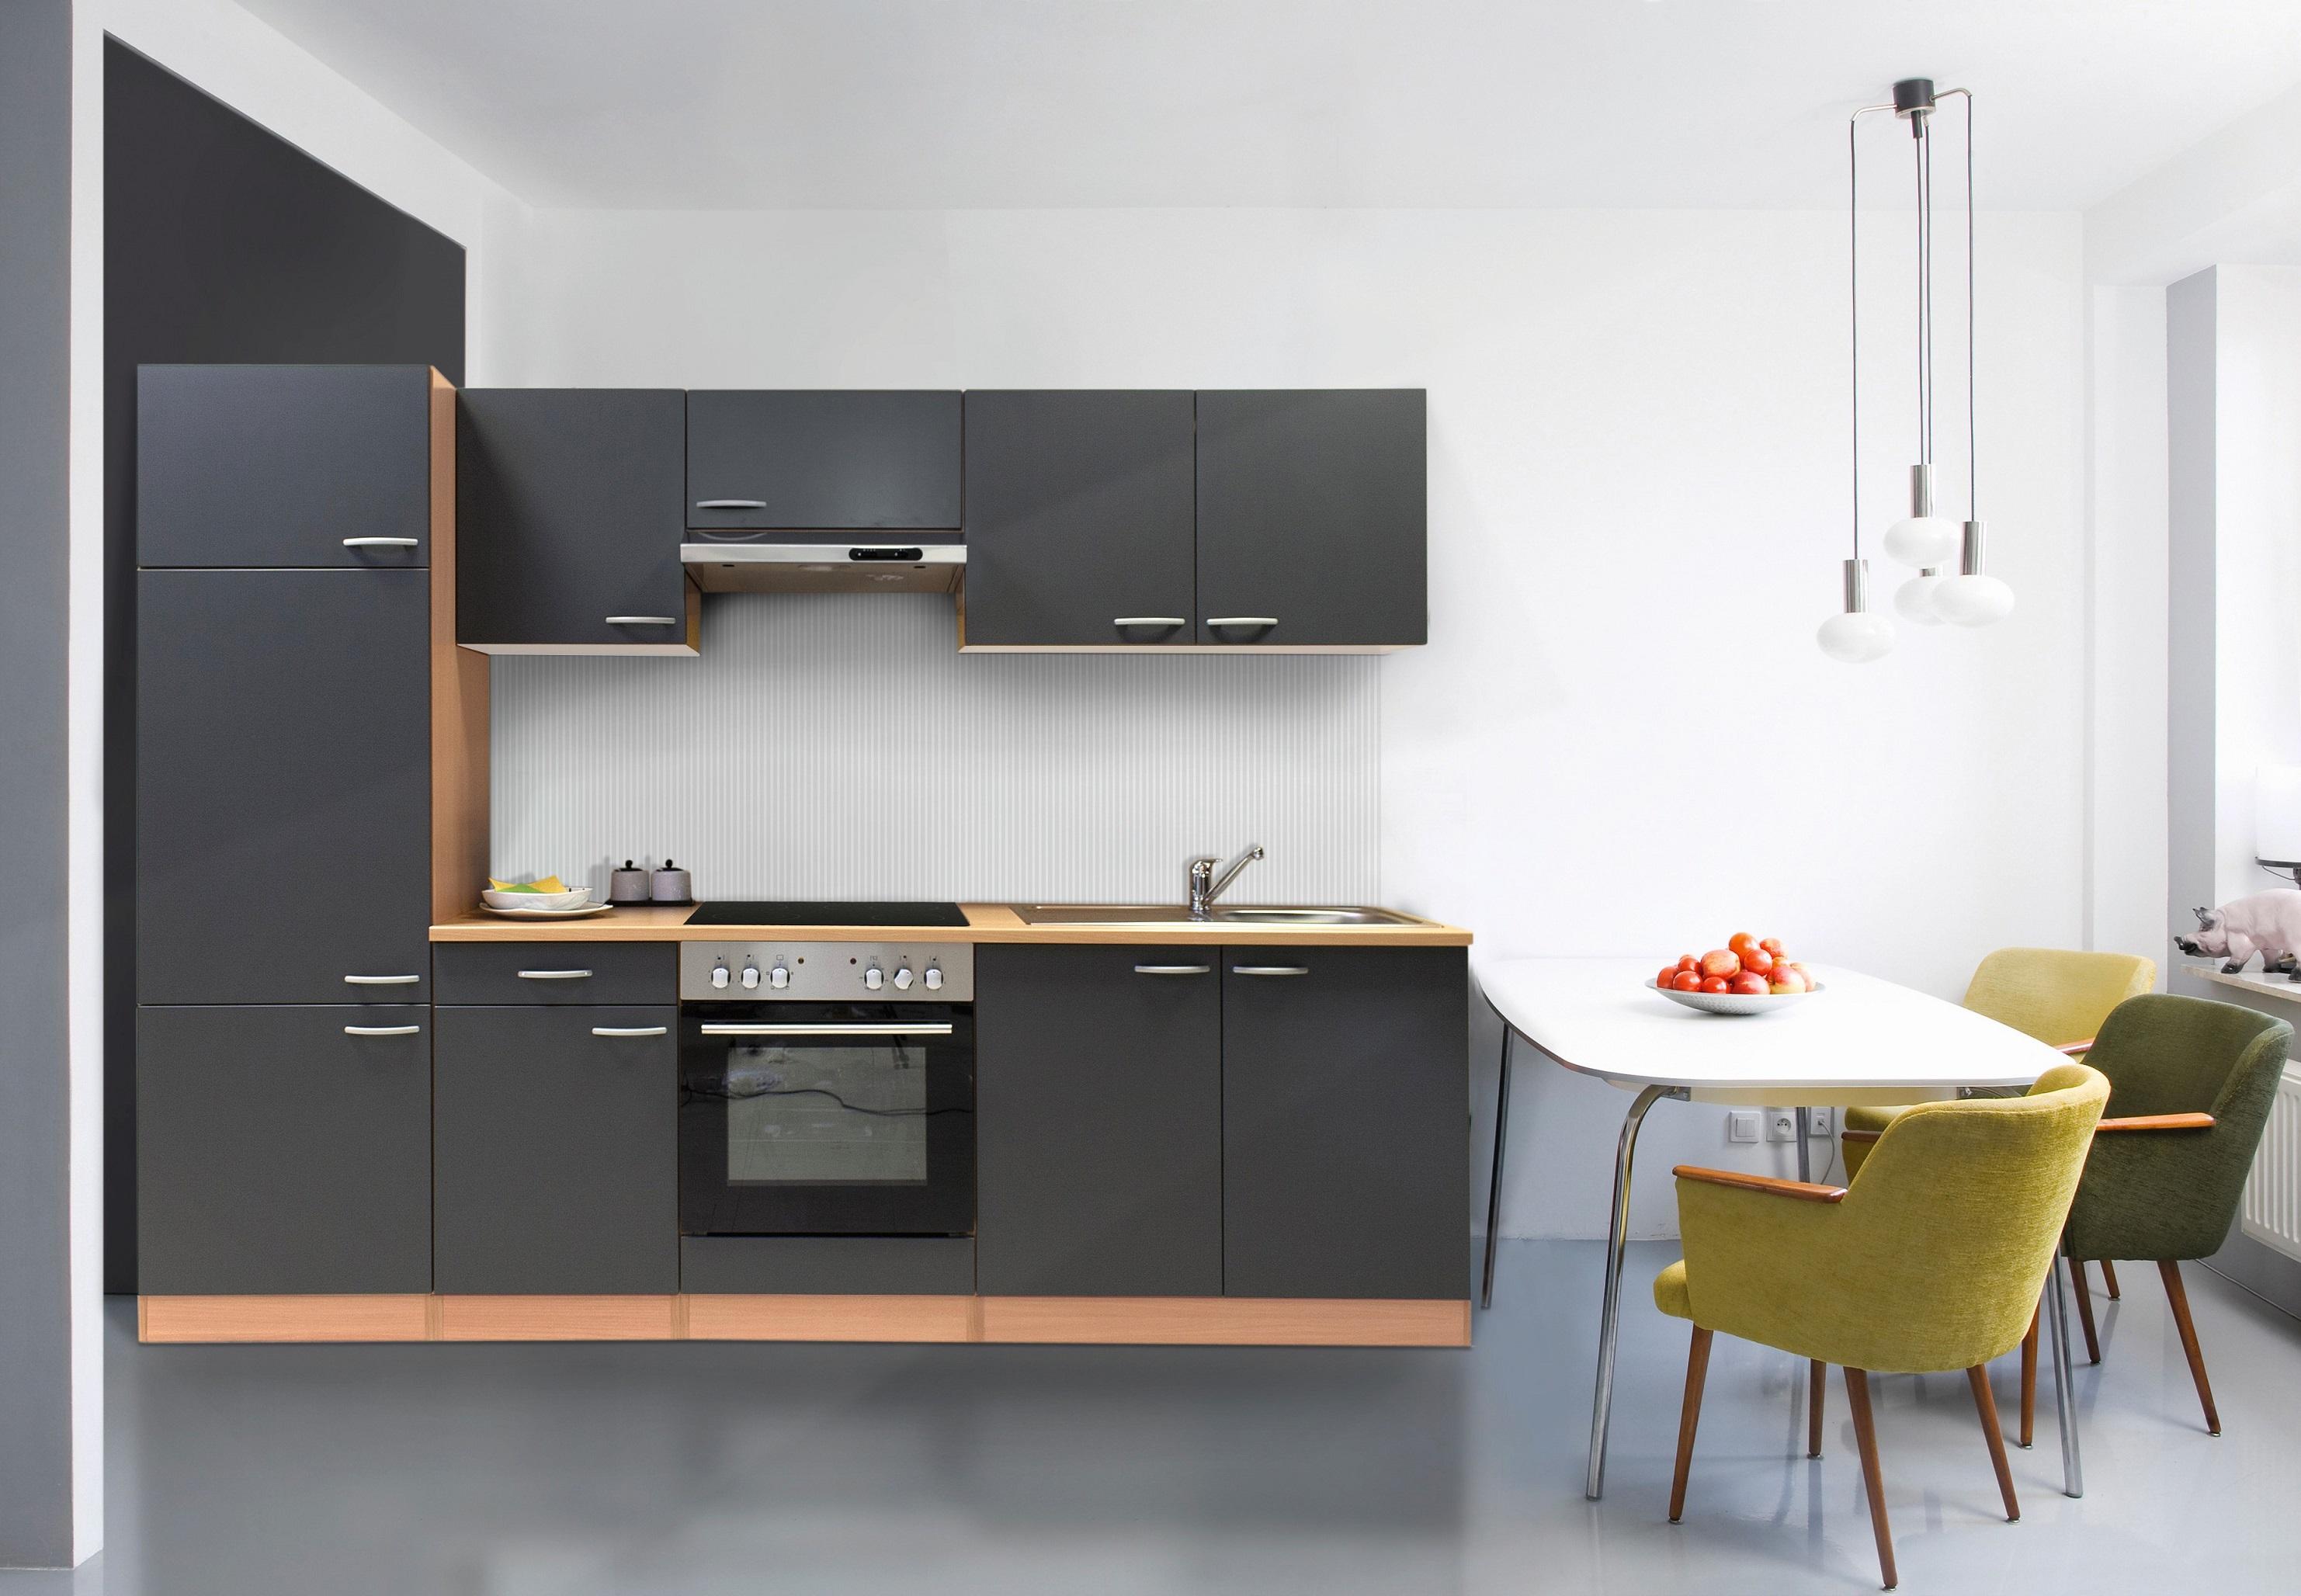 k che k chenzeile k chenblock einbauk che komplett 270 cm buche grau respekta ebay. Black Bedroom Furniture Sets. Home Design Ideas